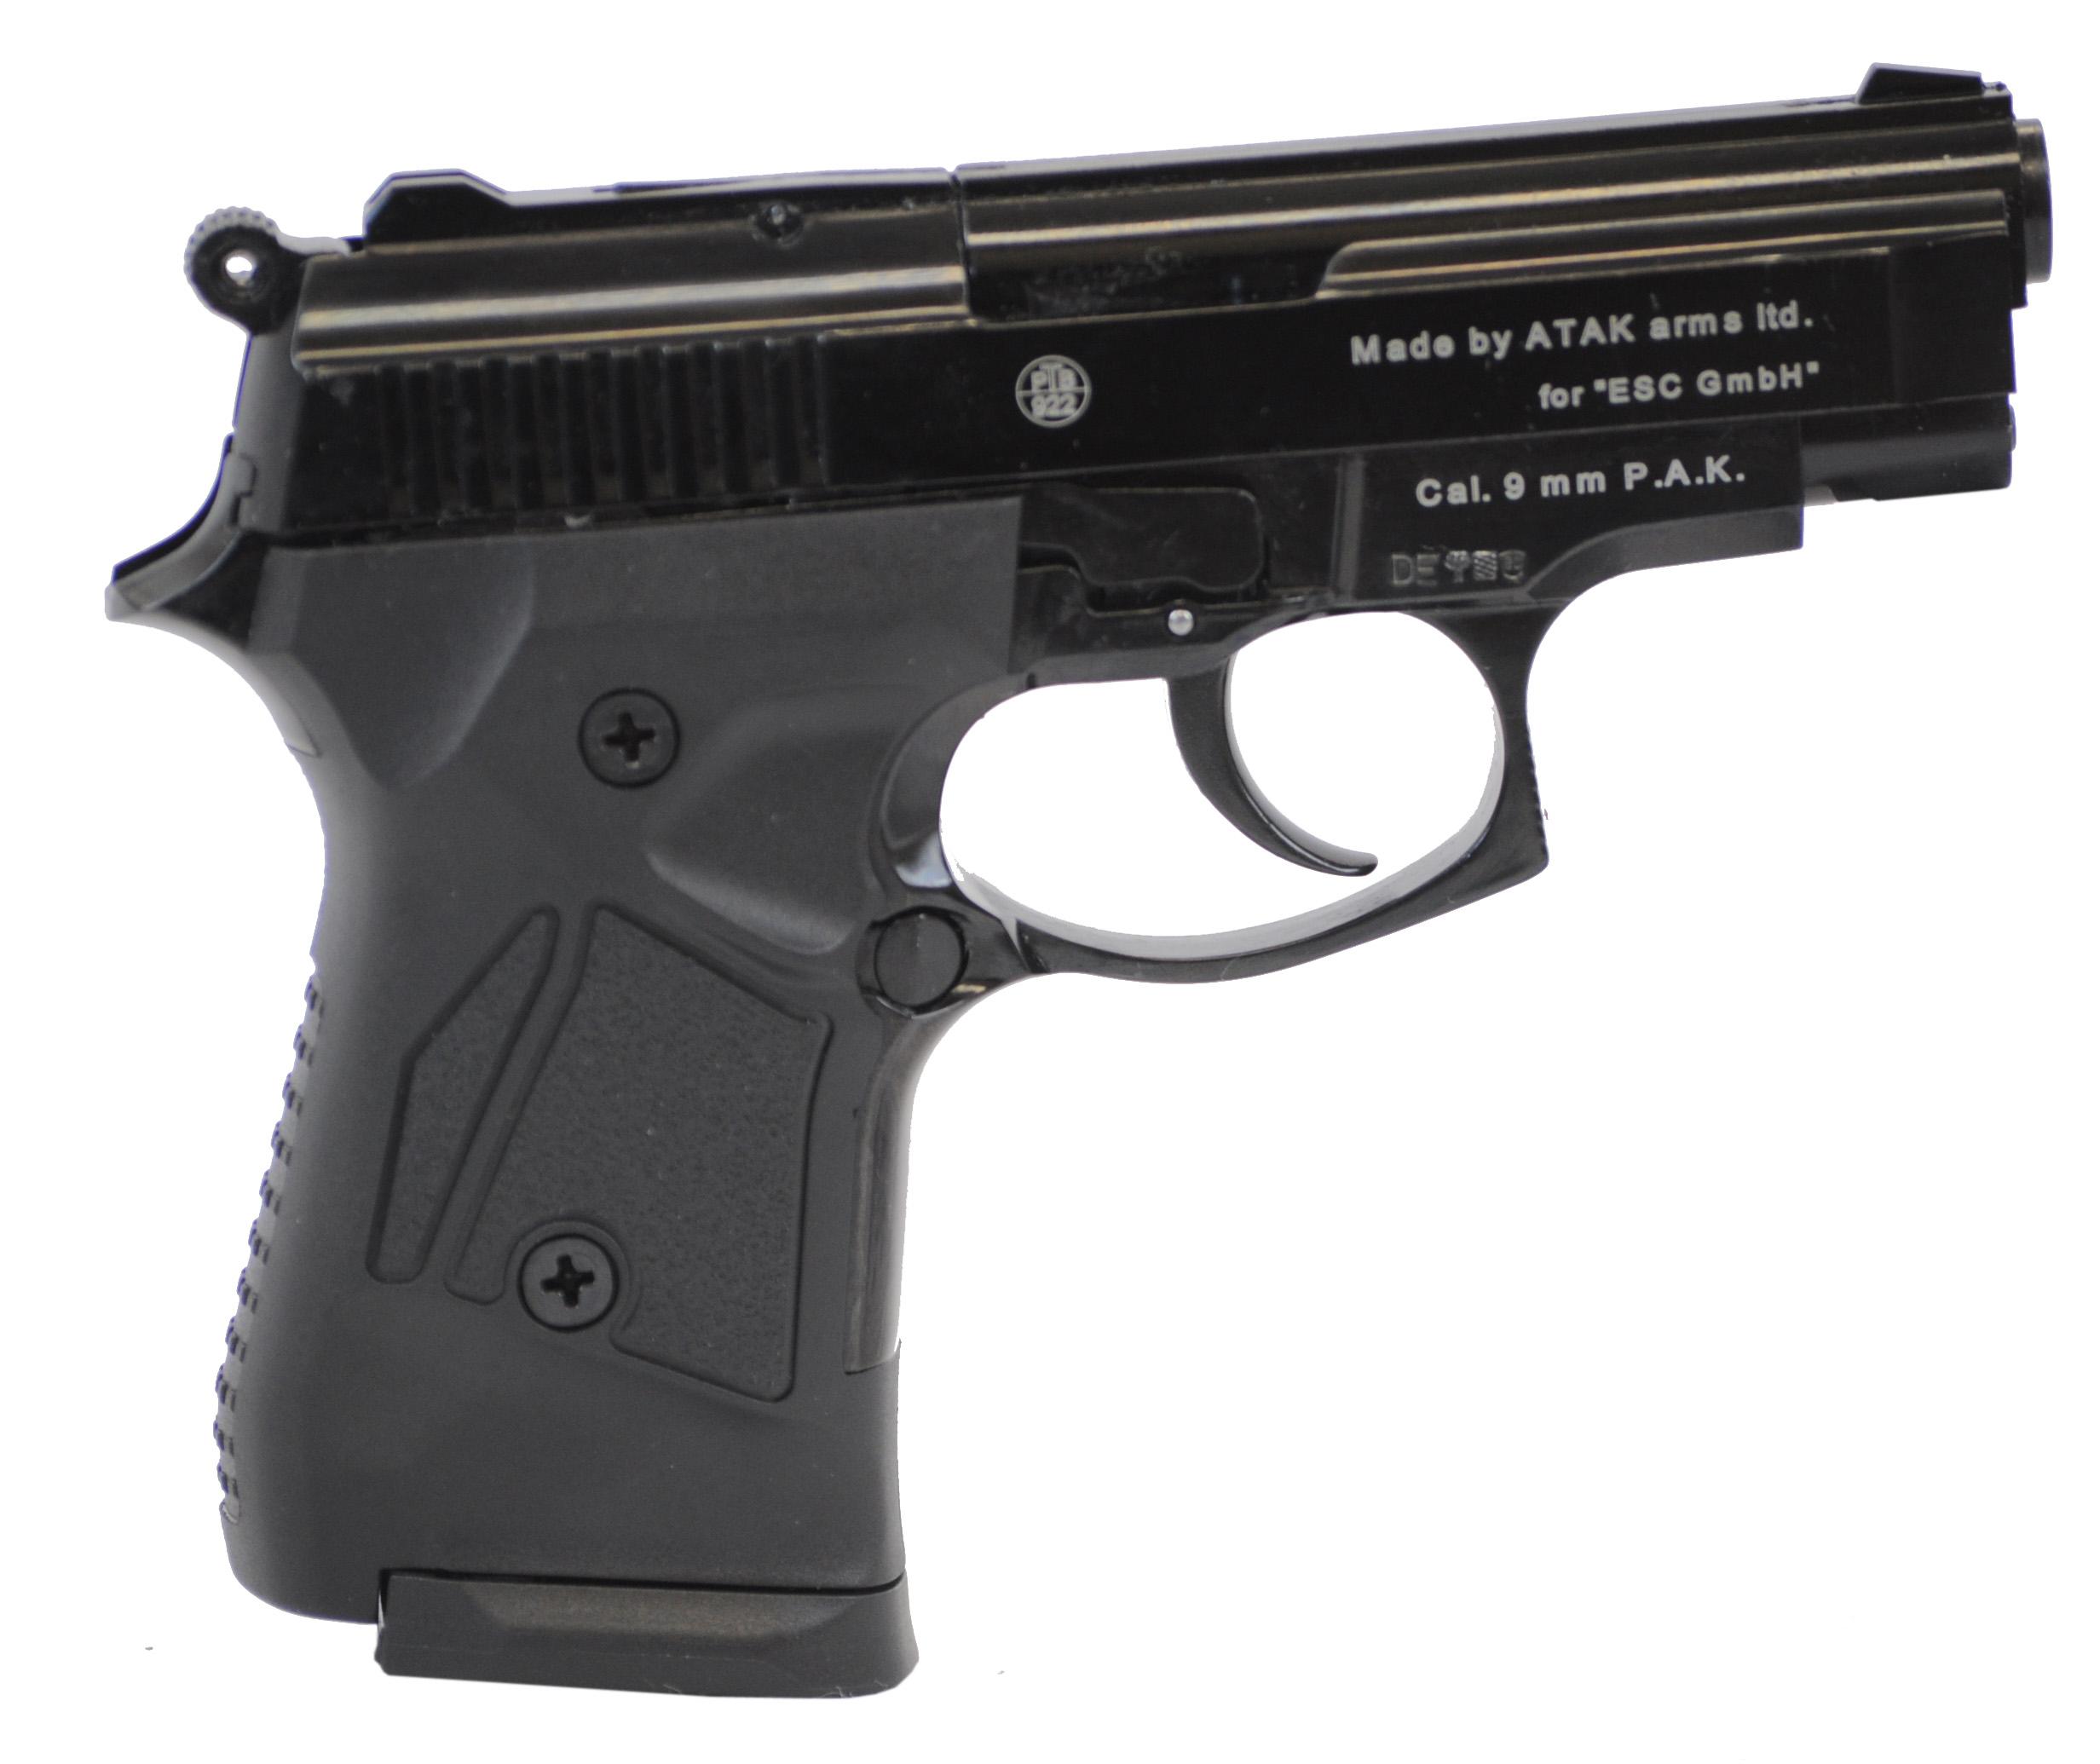 Zoraki 914 Schreckschusspistole, 9mm P.A.K schwarz